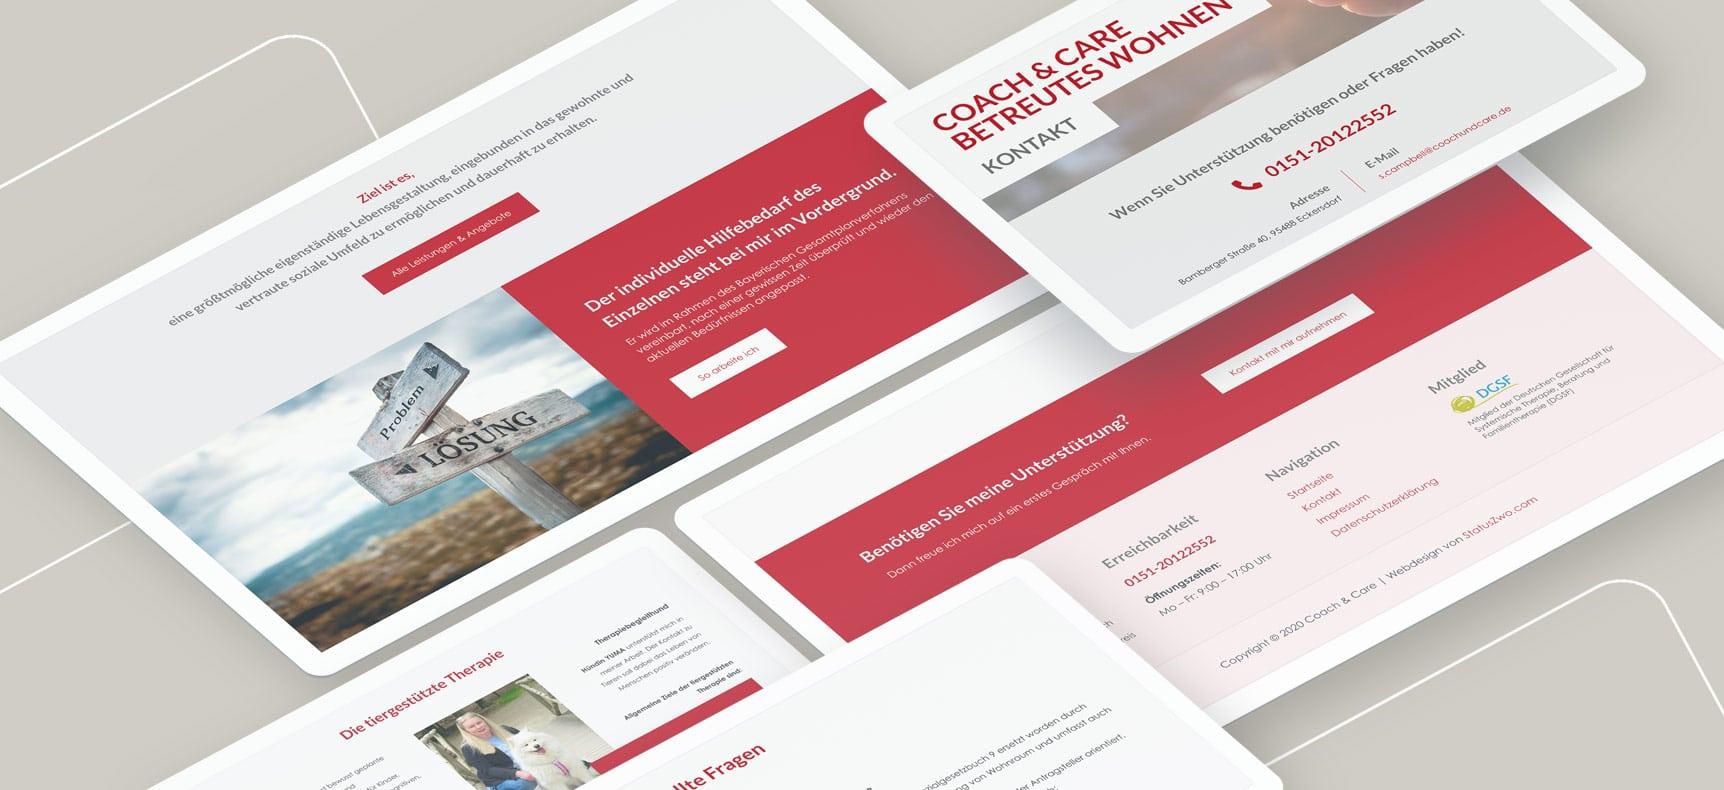 Coach&Care betreutes Wohnen - Websites erstellt von StatusZwo.com